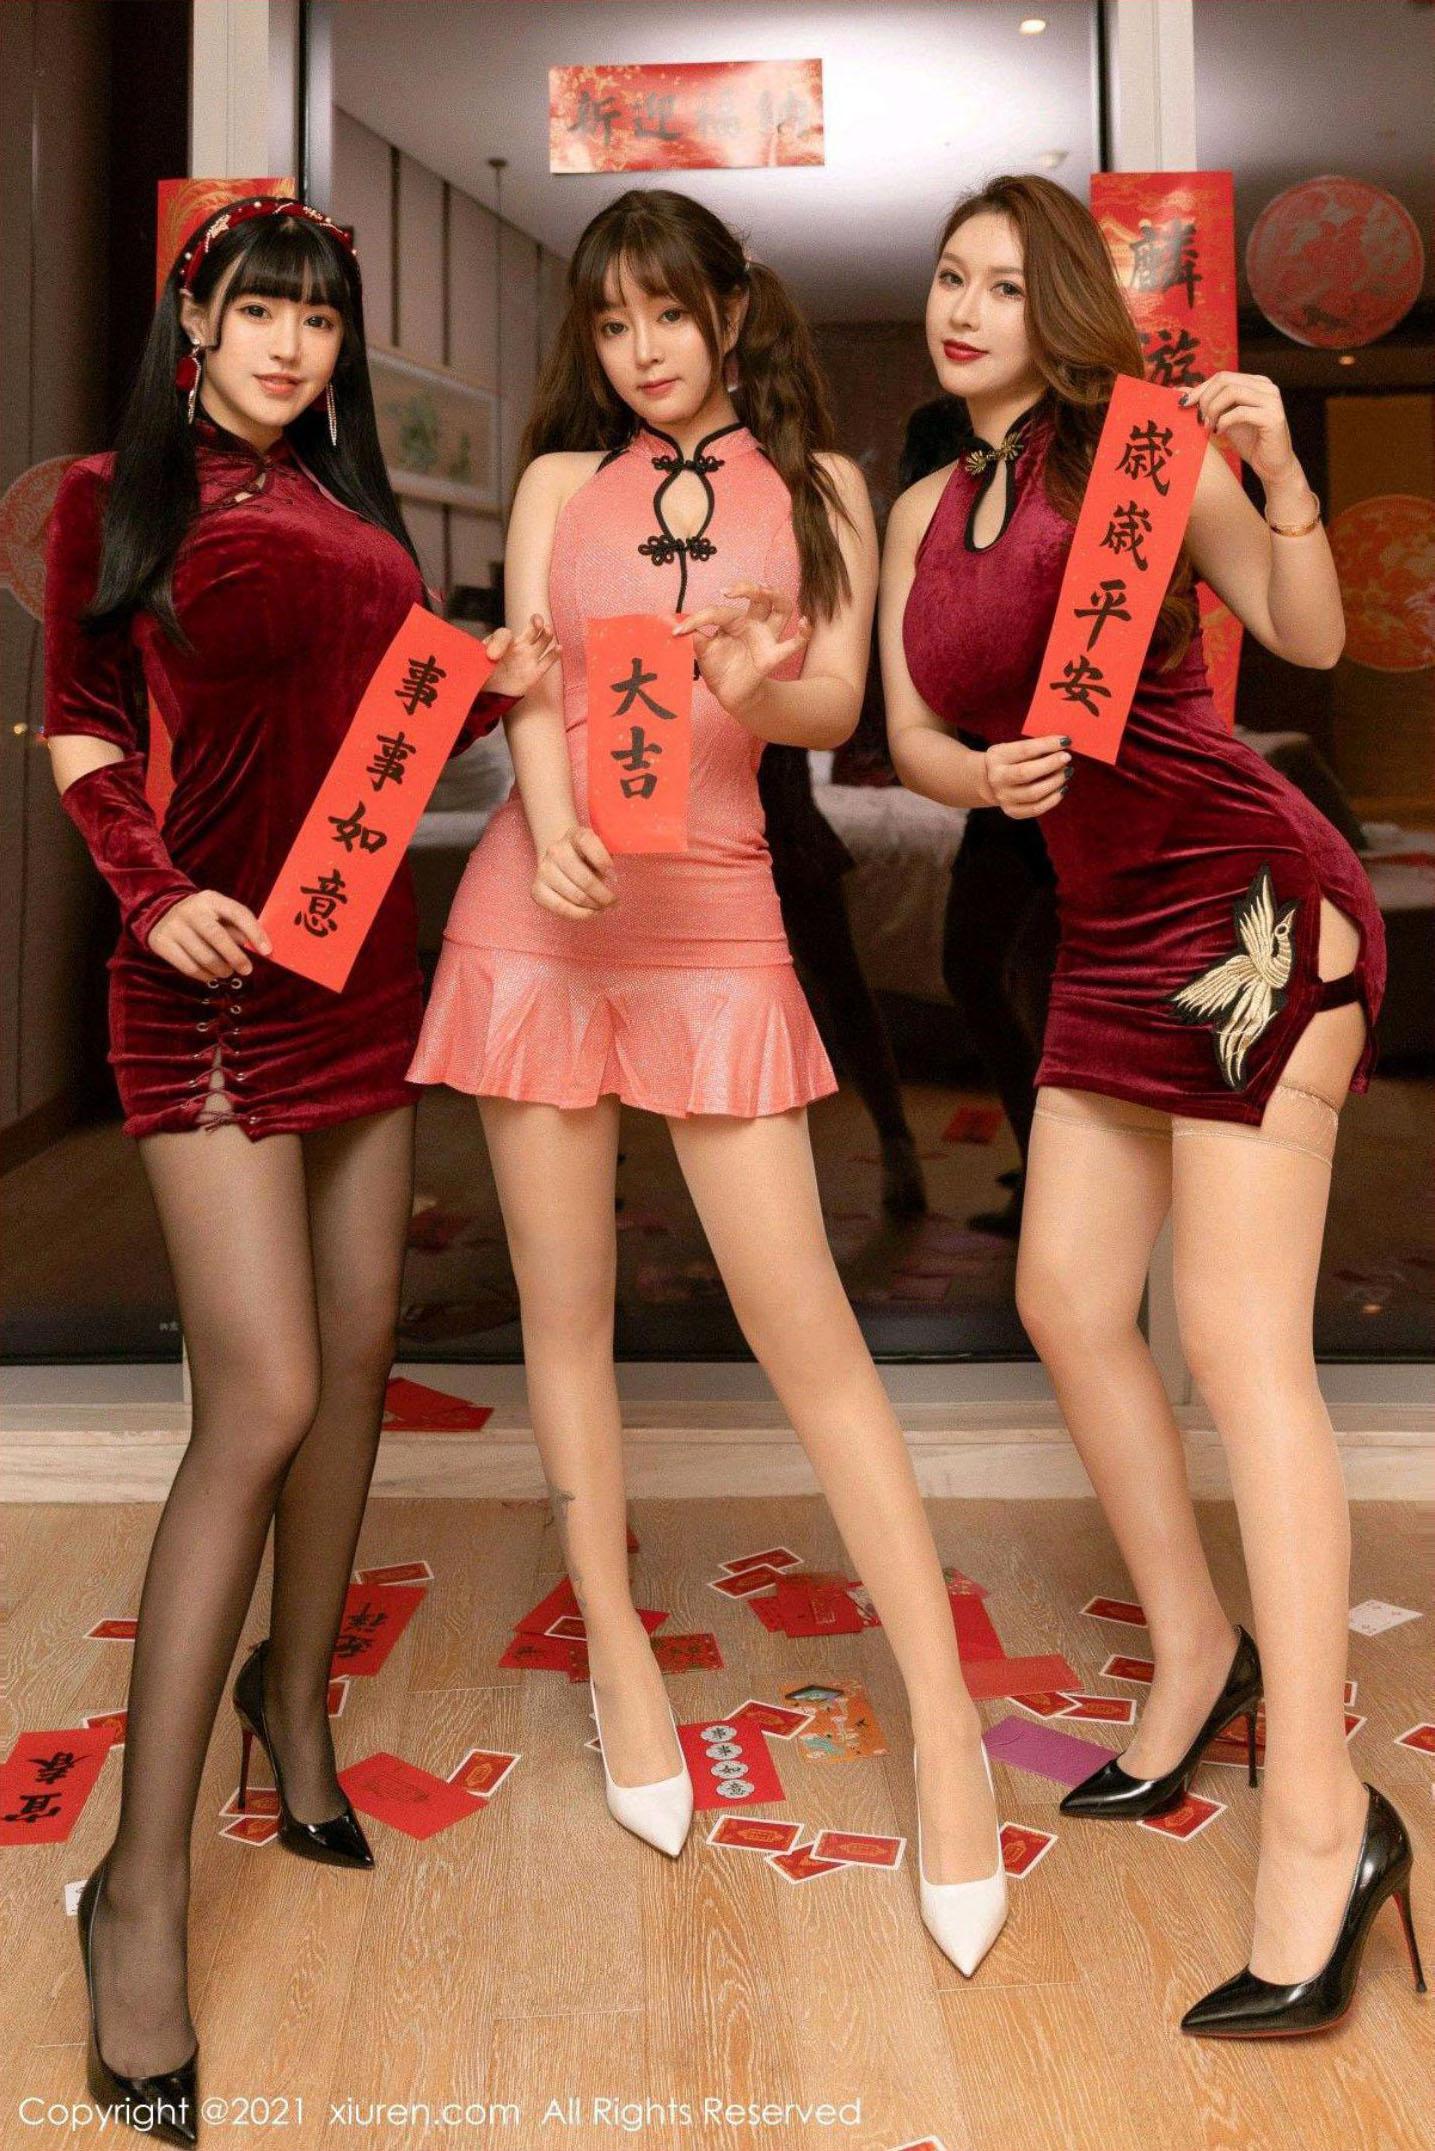 ⭐cos套图⭐秀人网最新新春套图 新年快乐【99P106M】插图1